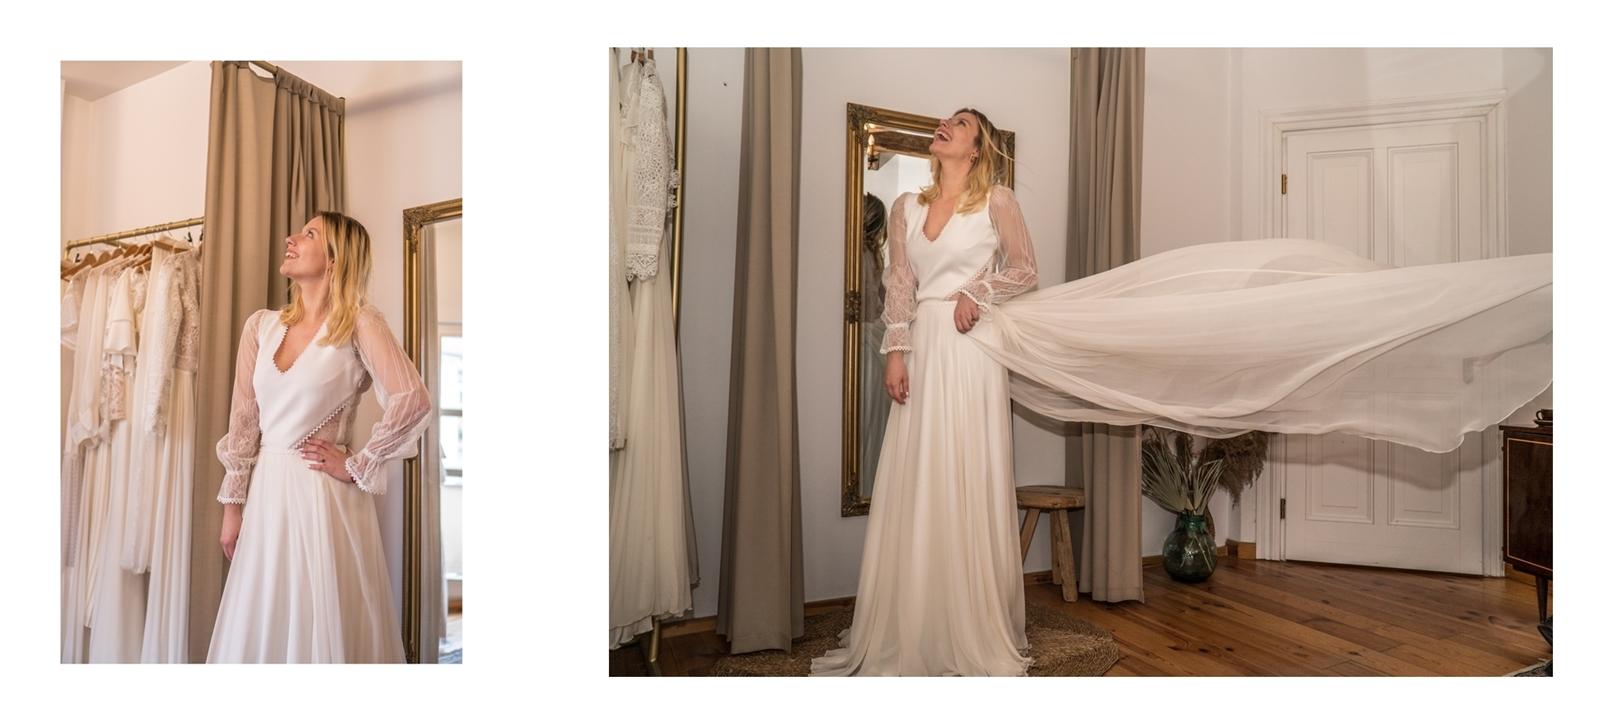 20 suknia ślubna ecru falbany folk sukienka ślubna figura jabłko fason a falbana fasony